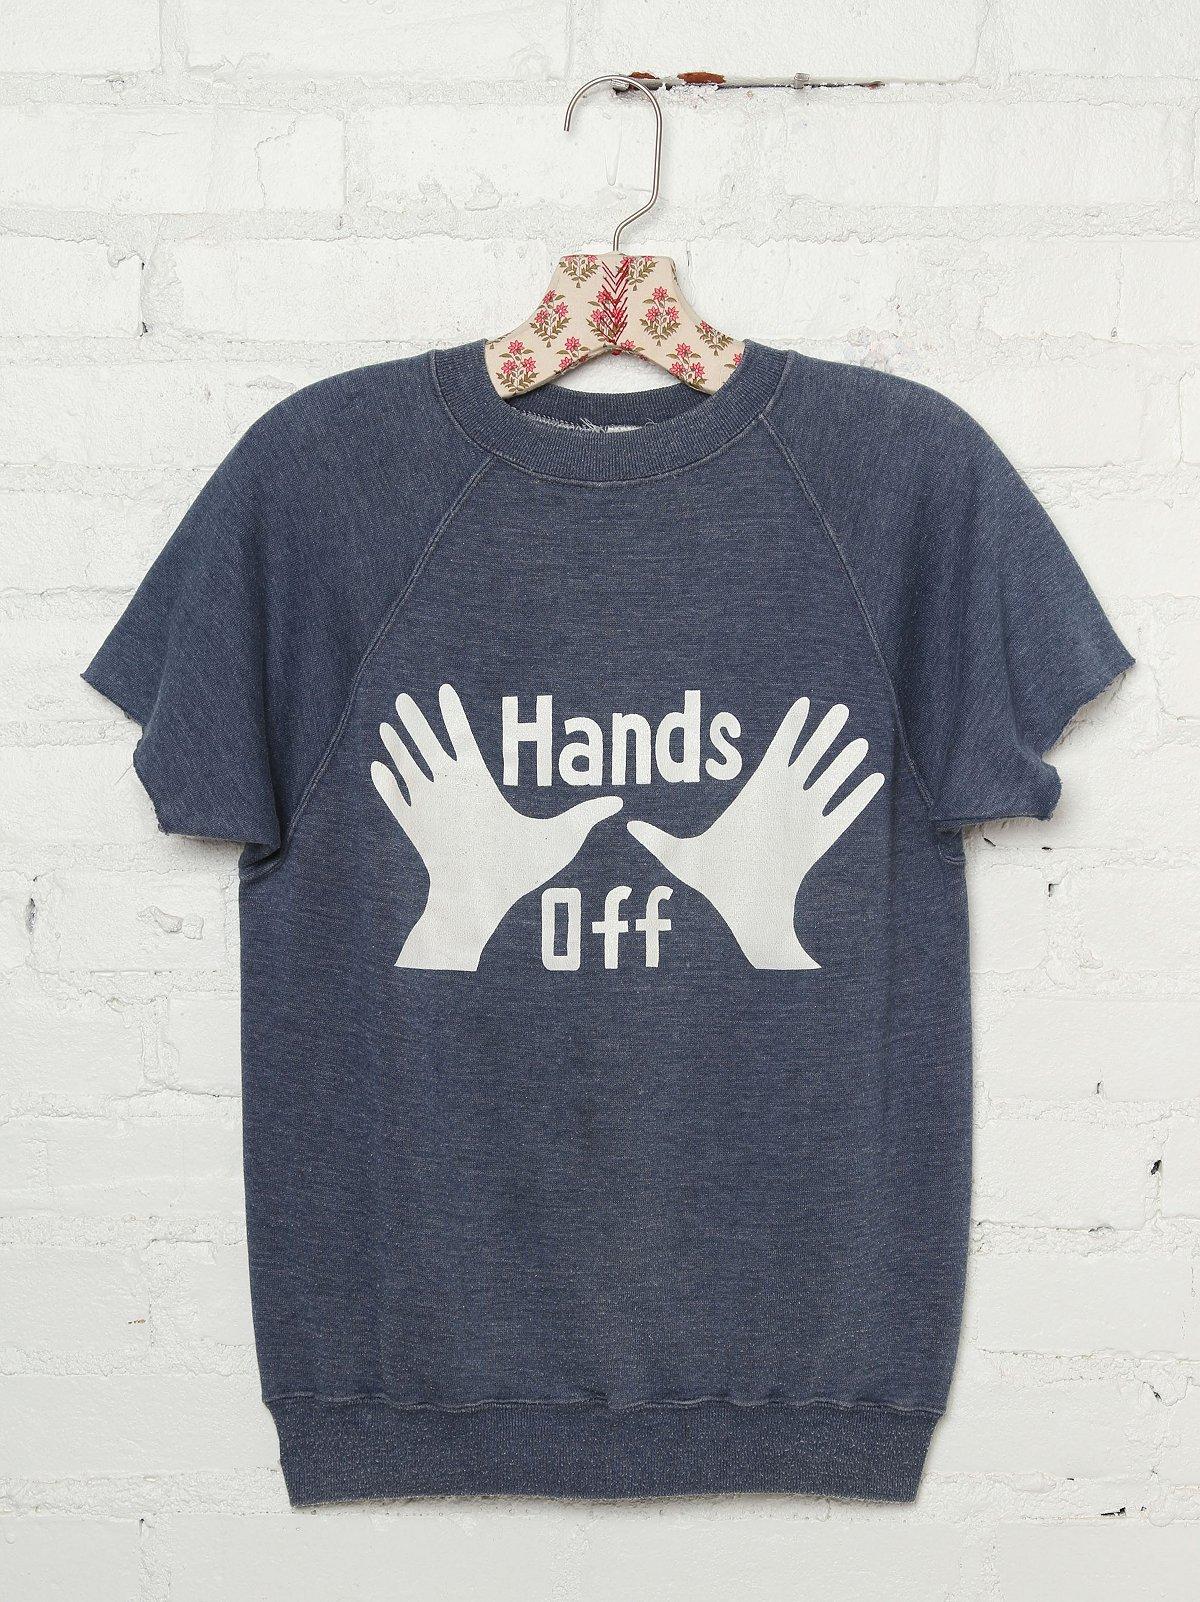 Vintage Hands Off Sweatshirt